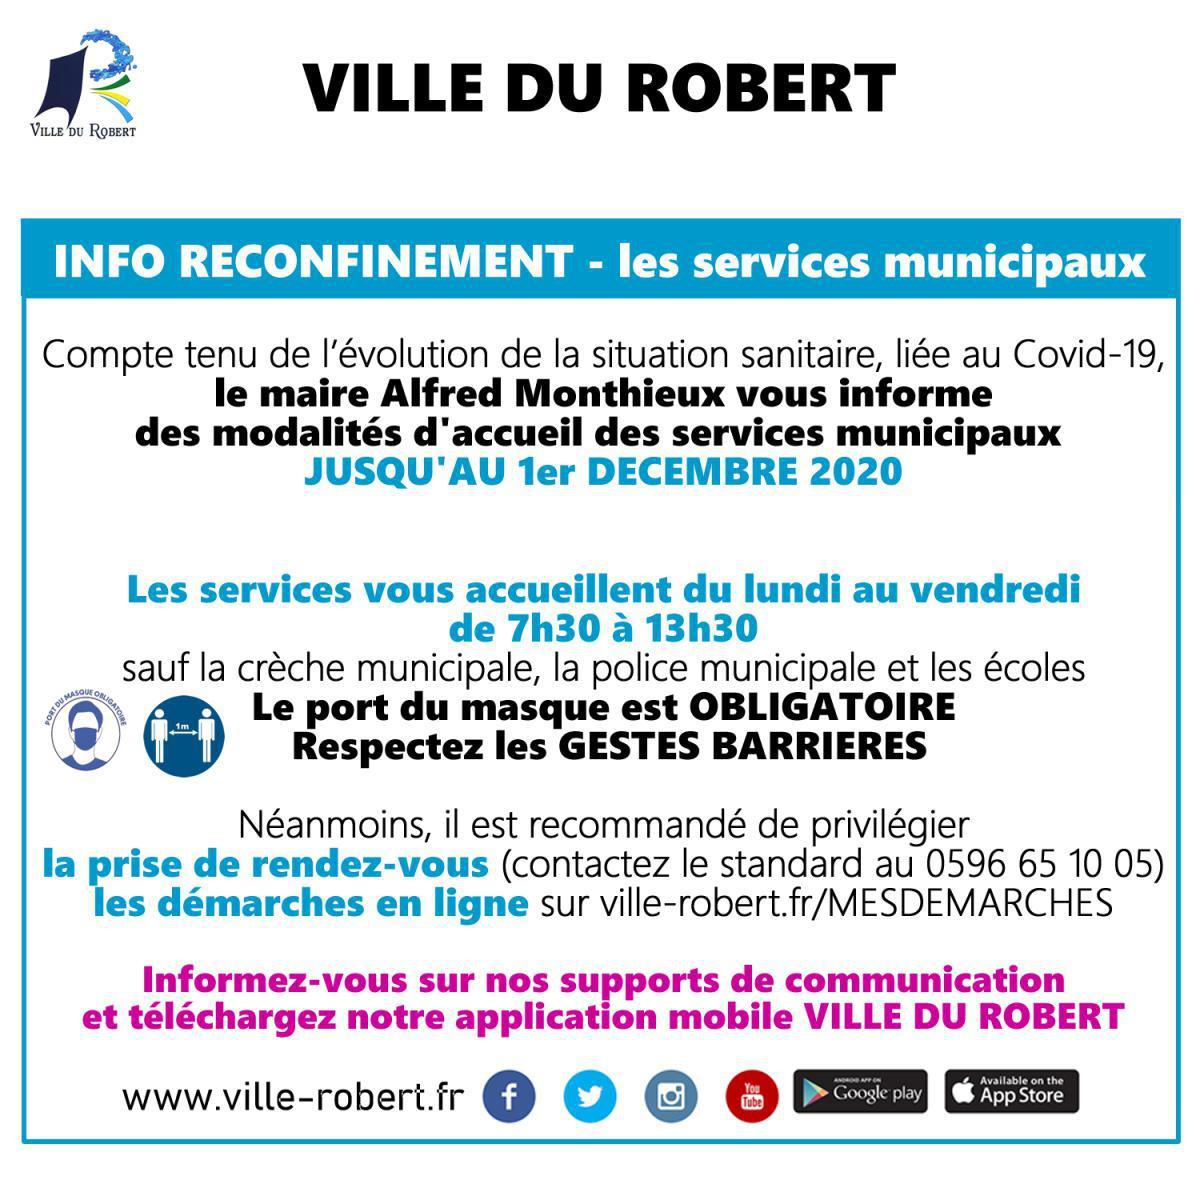 INFO RECONFINEMENT : LES SERVICES MUNICIPAUX